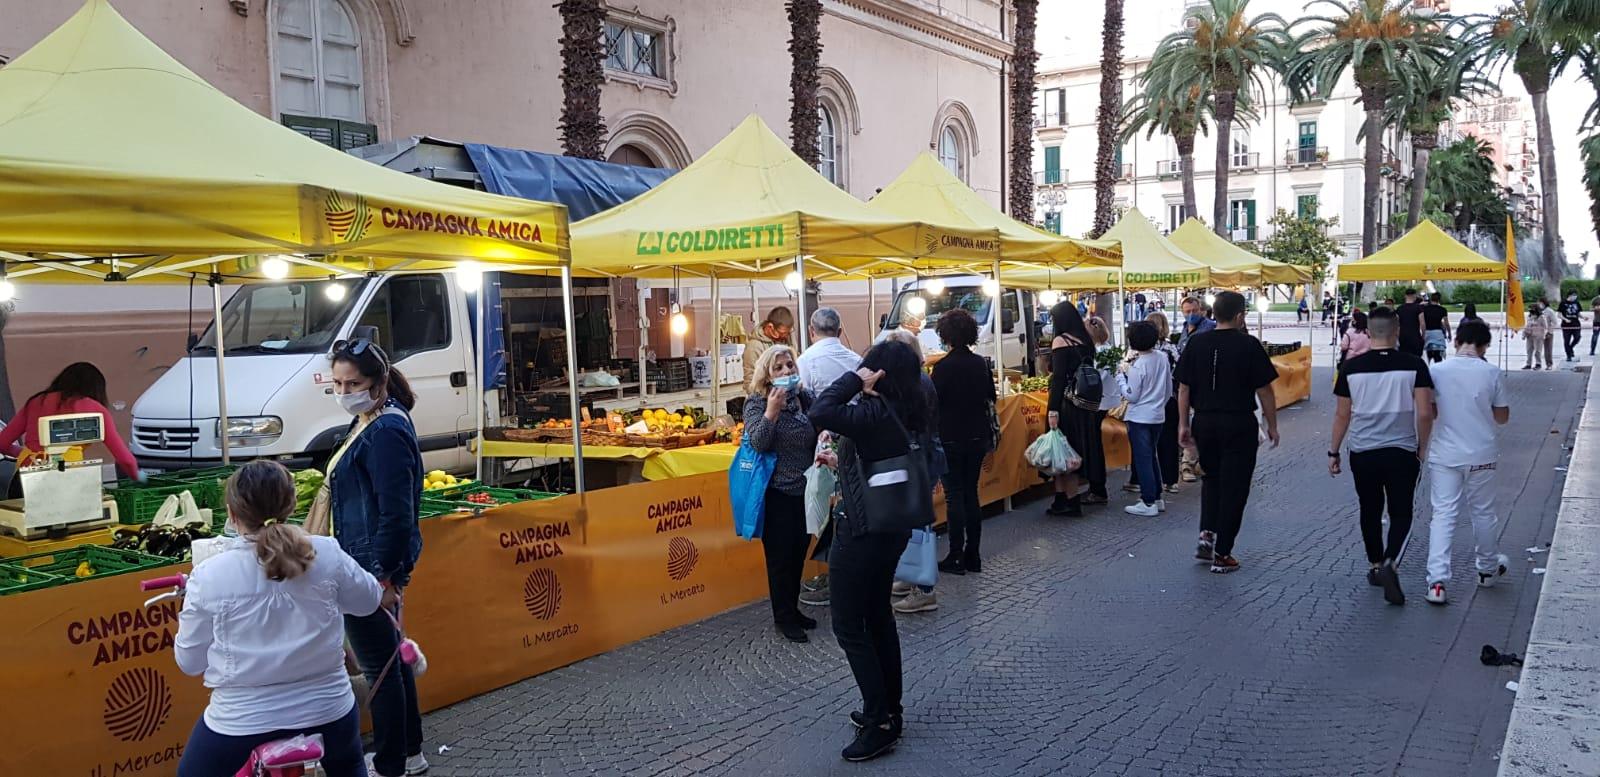 COLDIRETTI TARANTO. Il Covid ferma il mercato Campagna Amica in via Mignogna